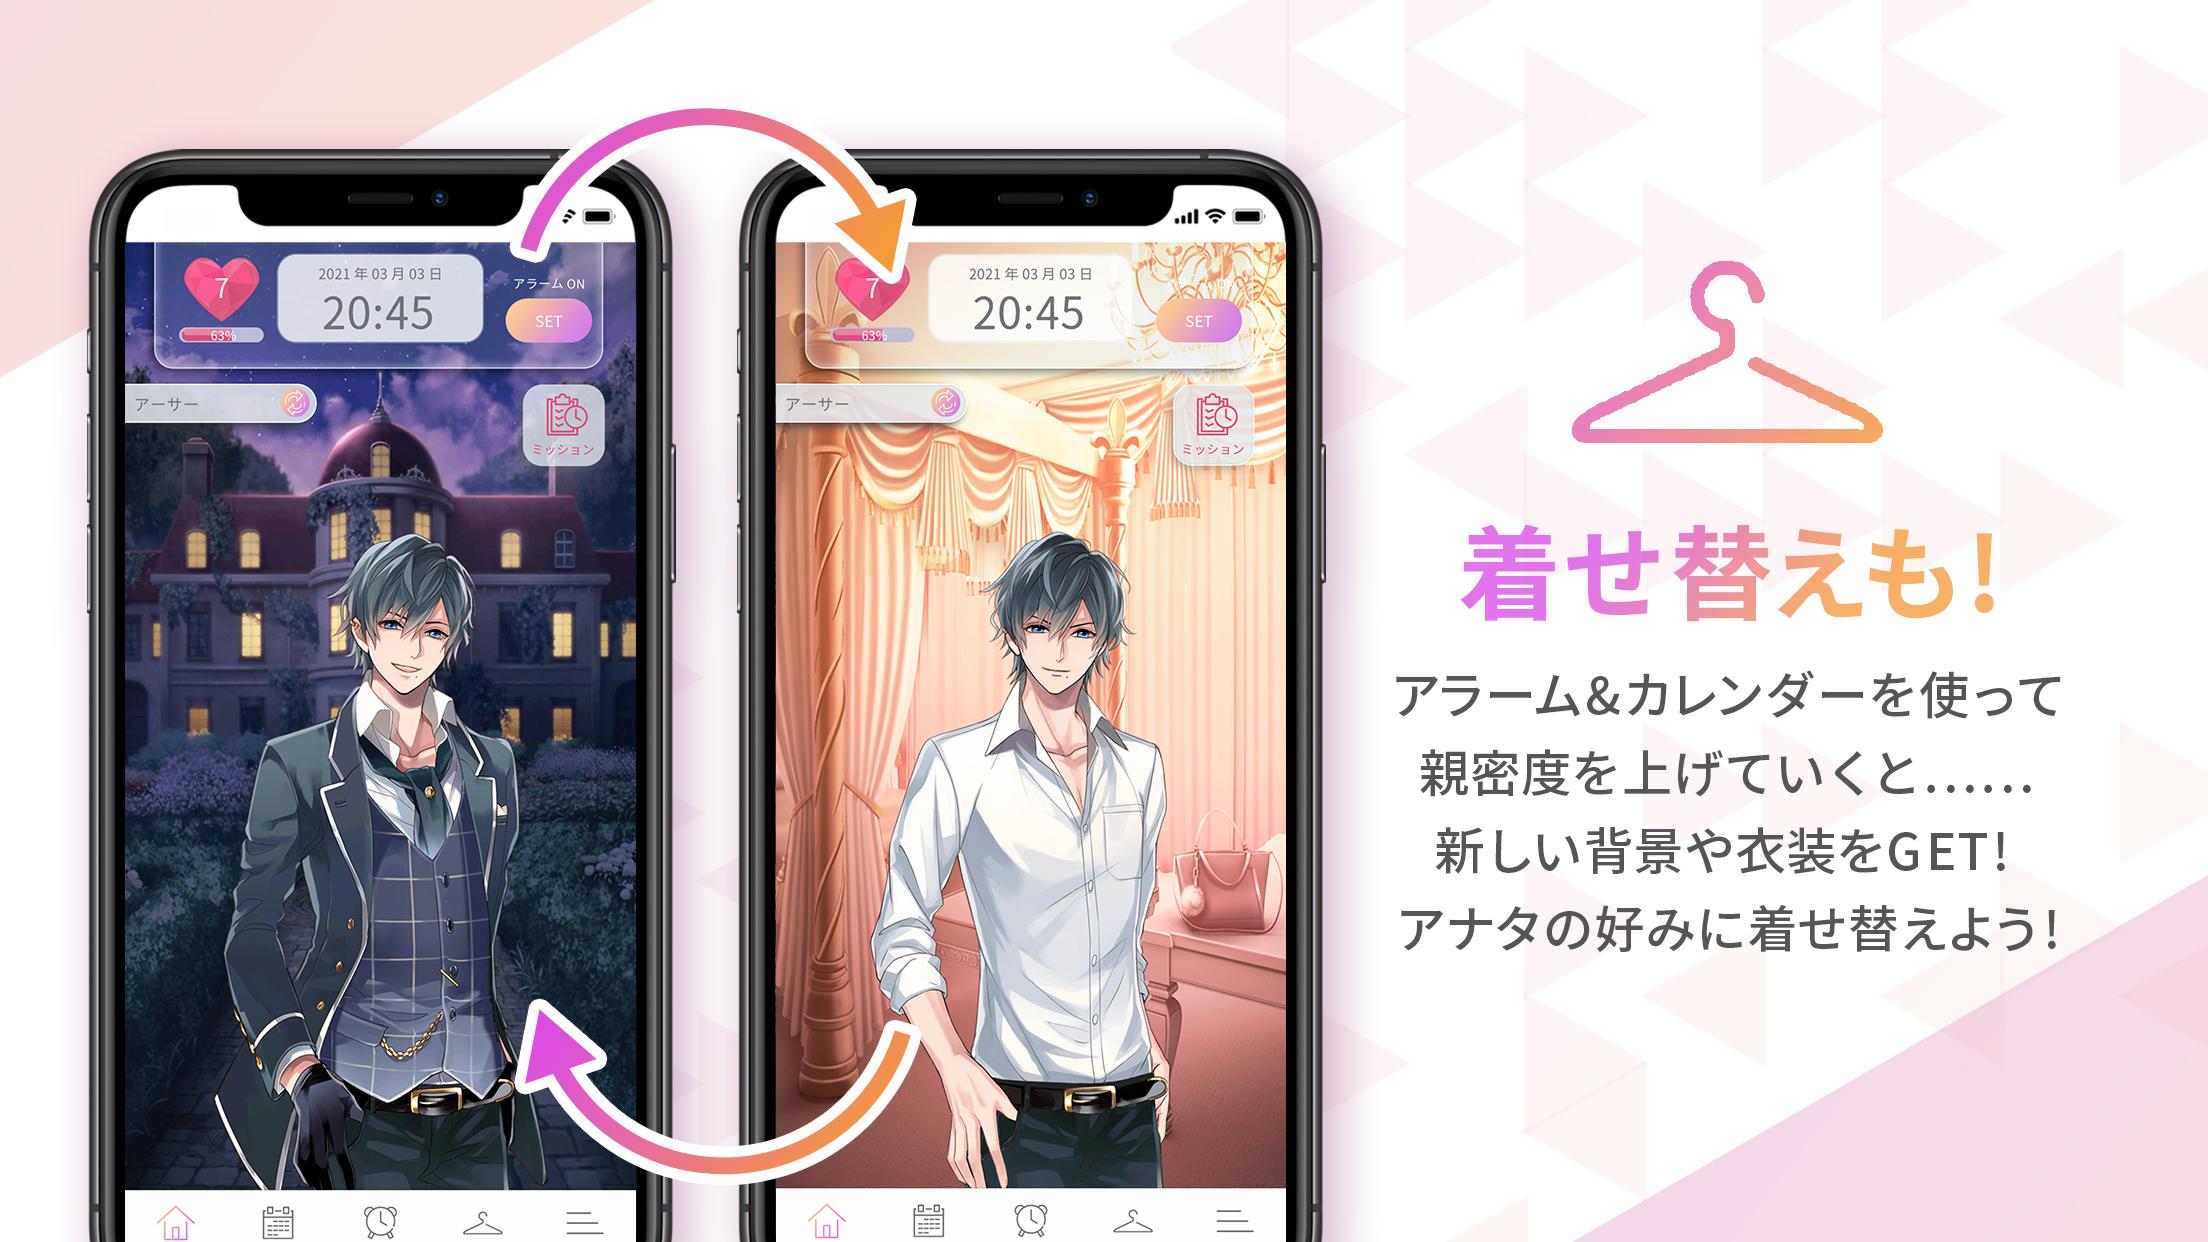 「イケメンシリーズ」アプリ「イケメンカレンダー」着せ替え機能